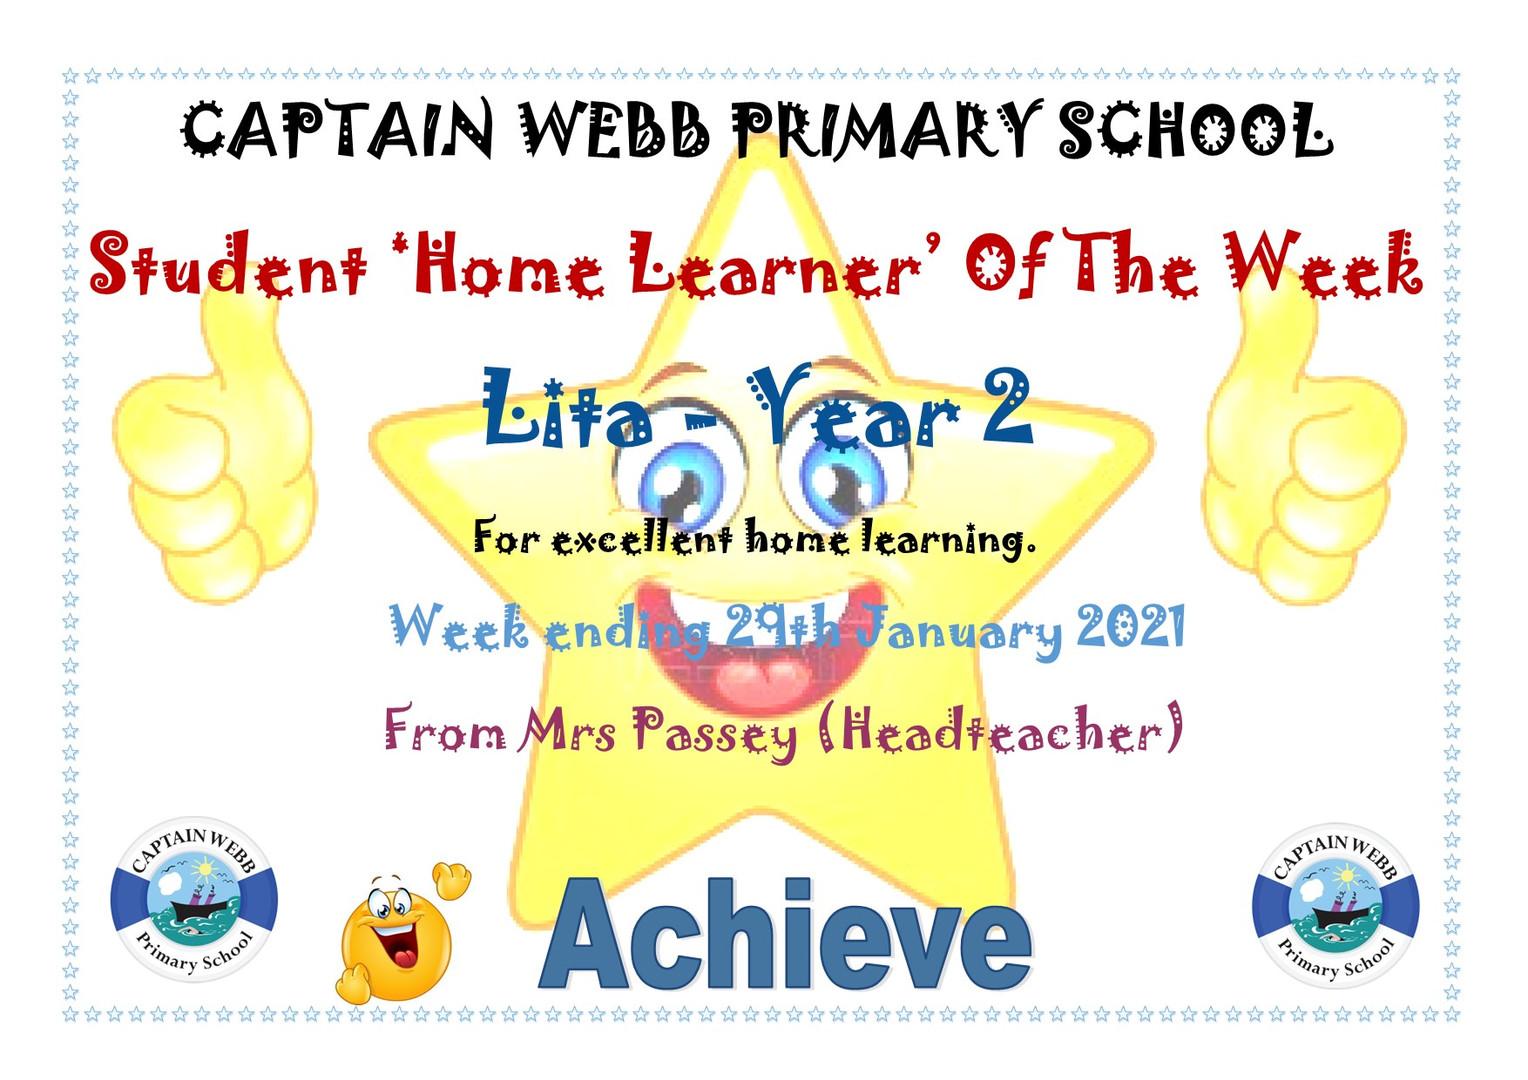 Student home learner of the week Y2.jpg